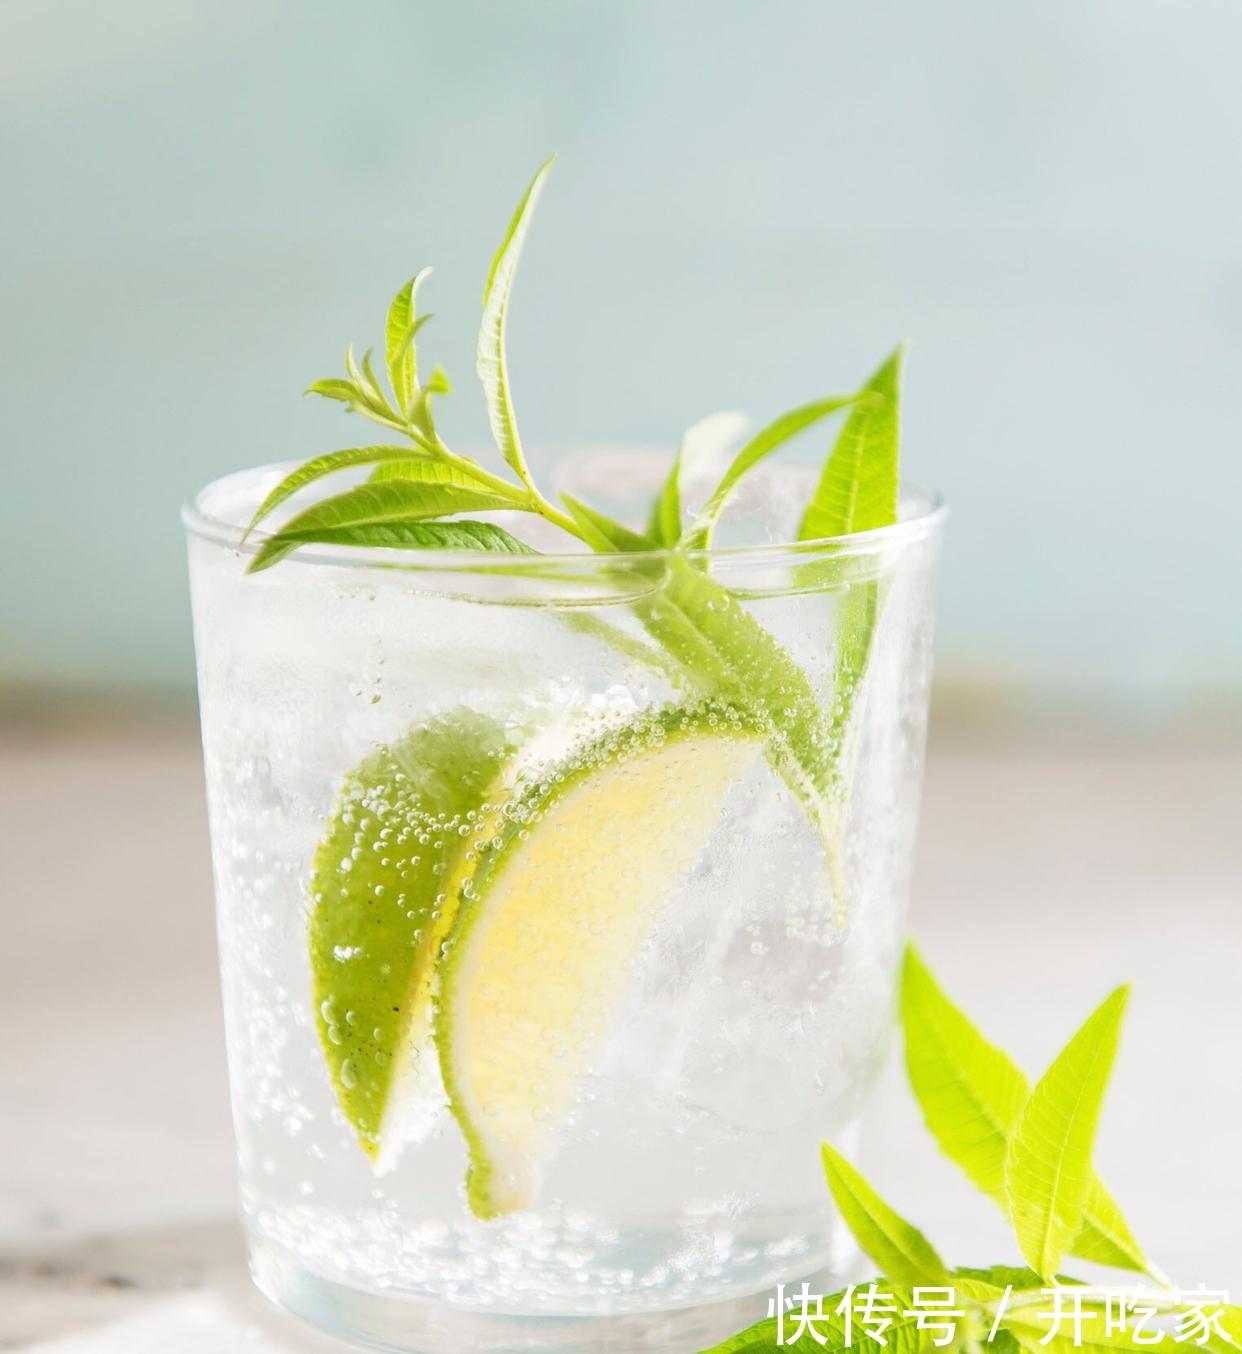 洋酒入门,金酒(Gin)喝酒指南与经典酒款?